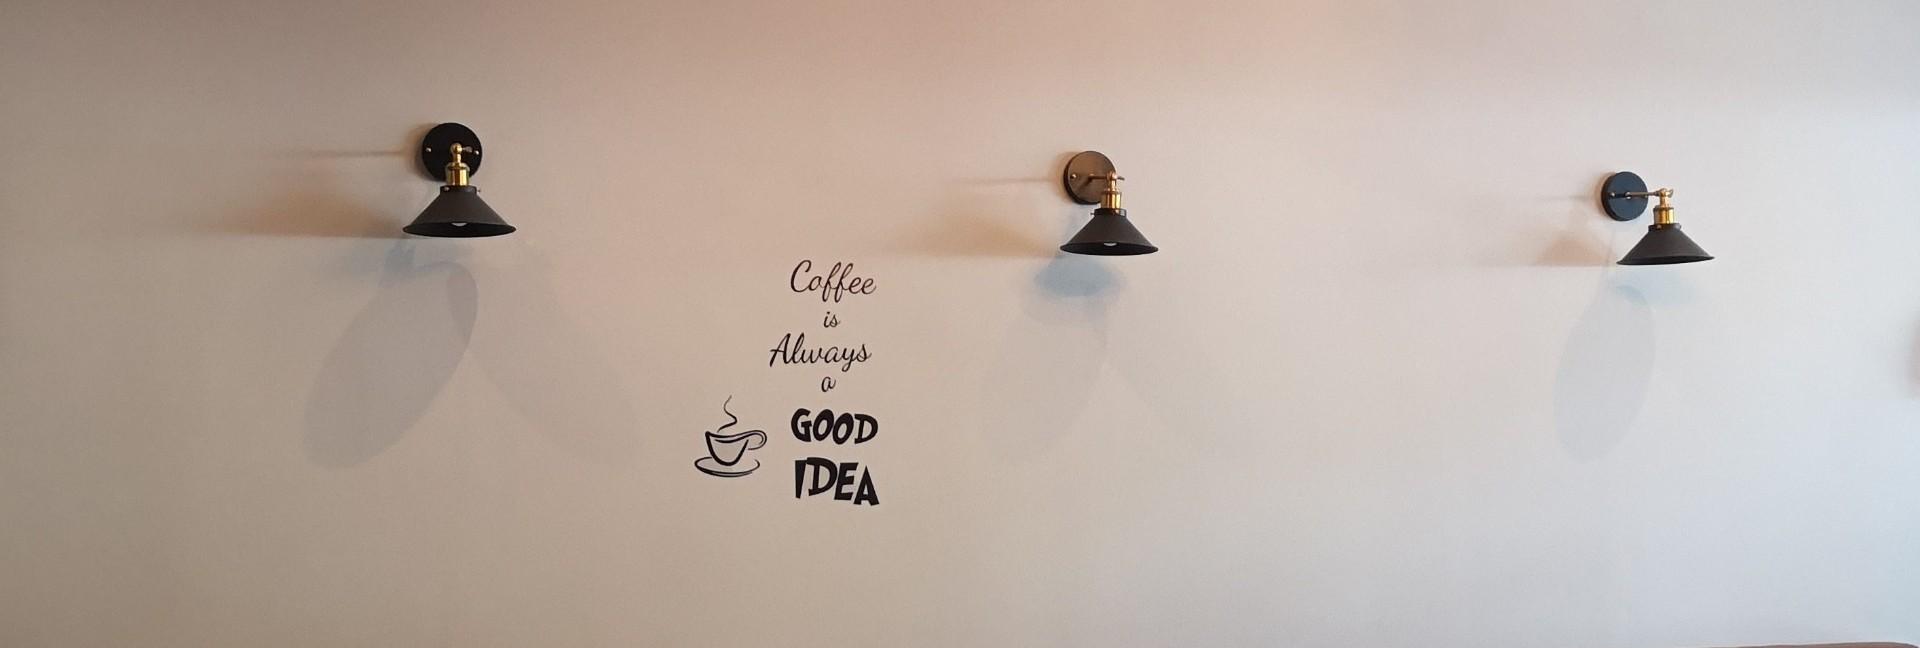 cafe tara